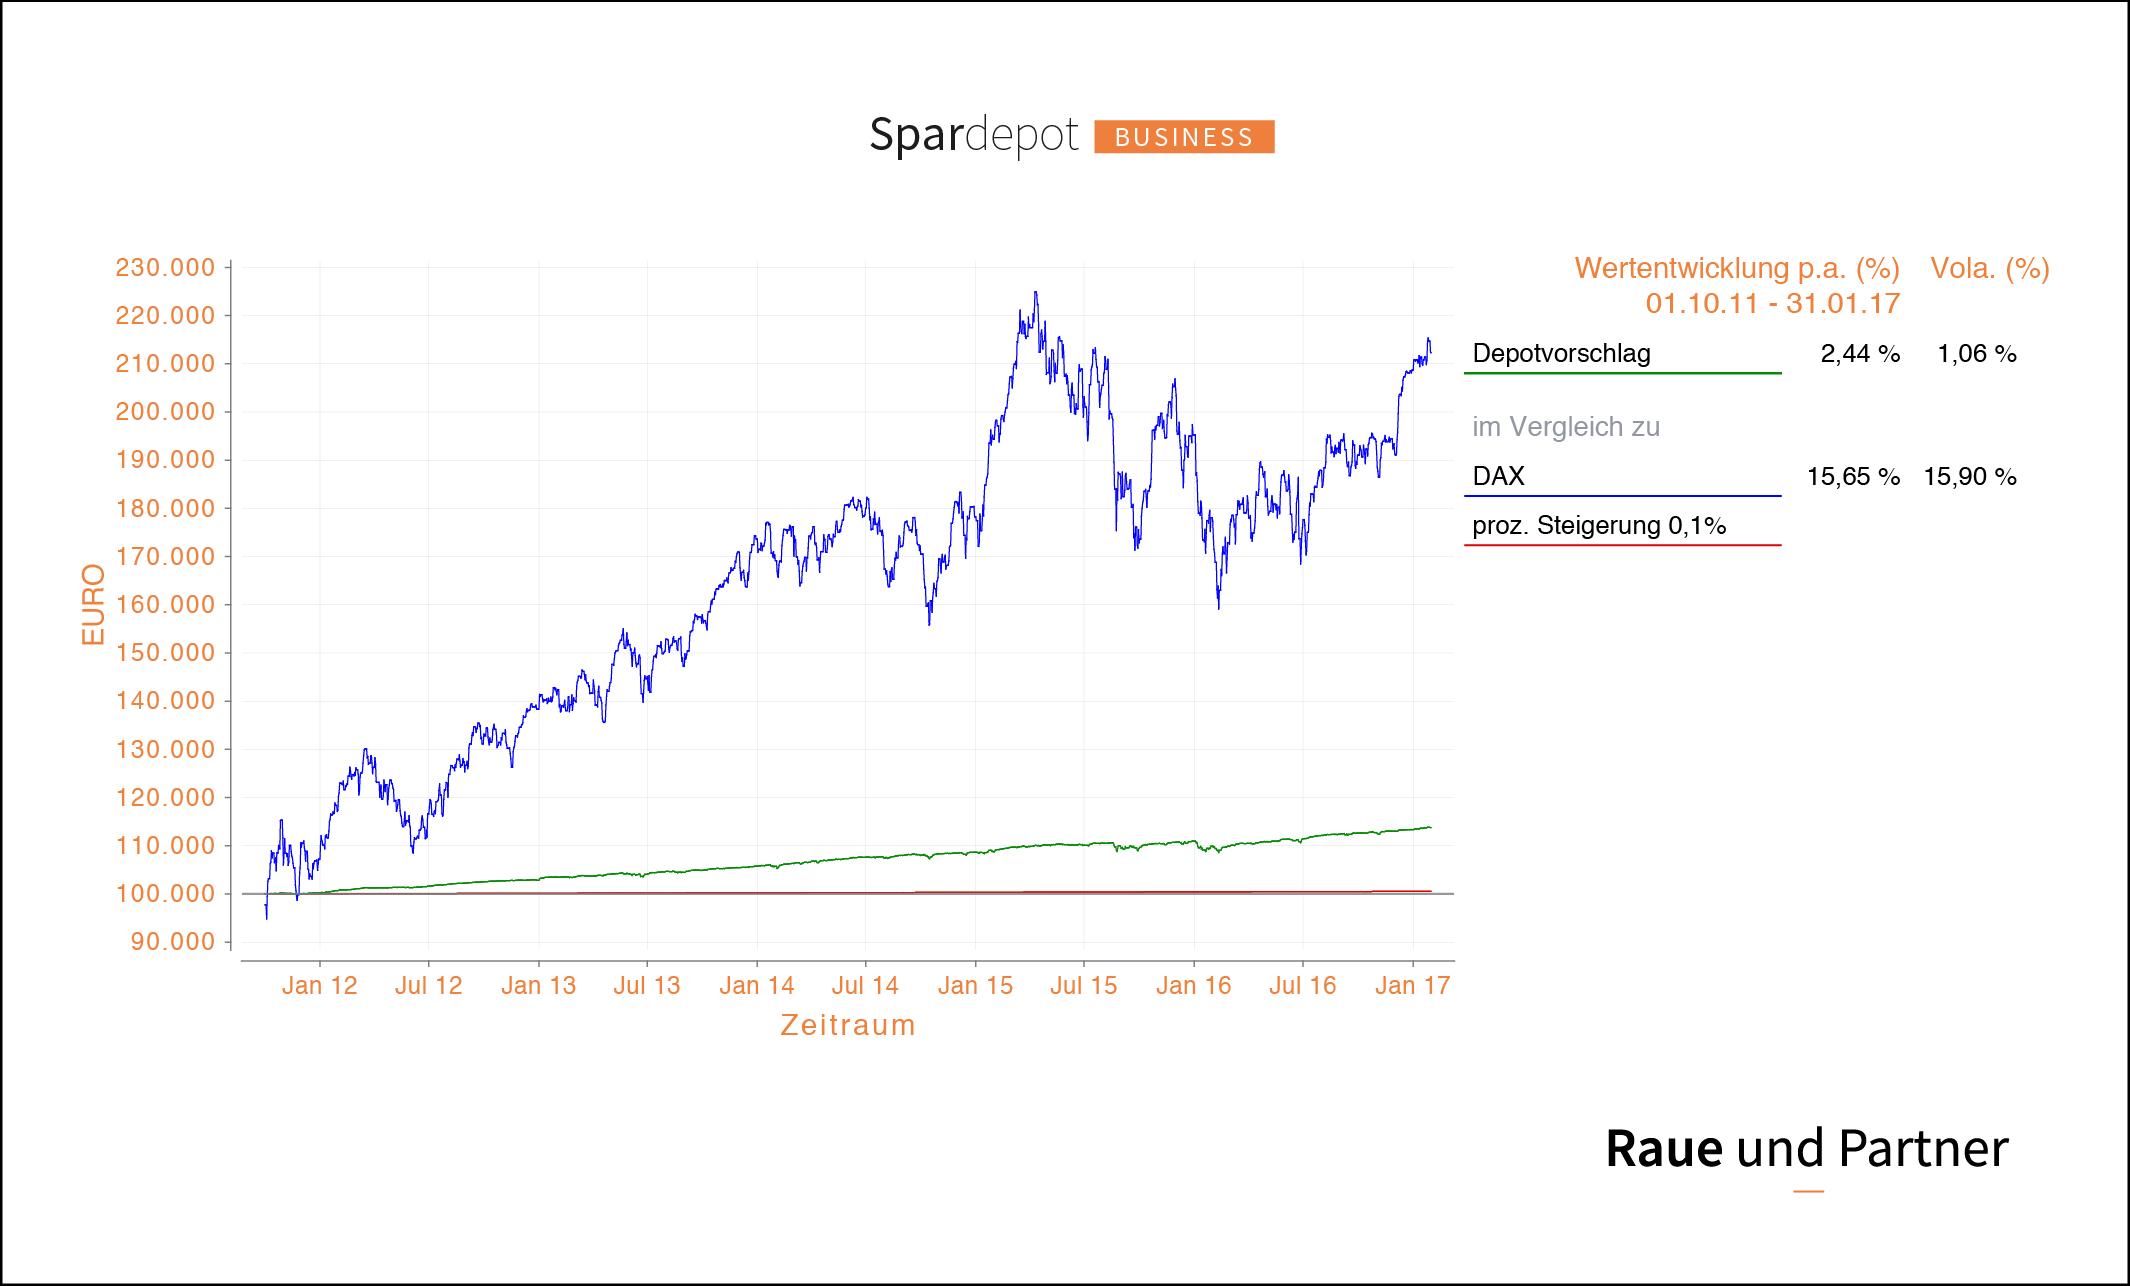 Raue und Partner - Spardepot Business